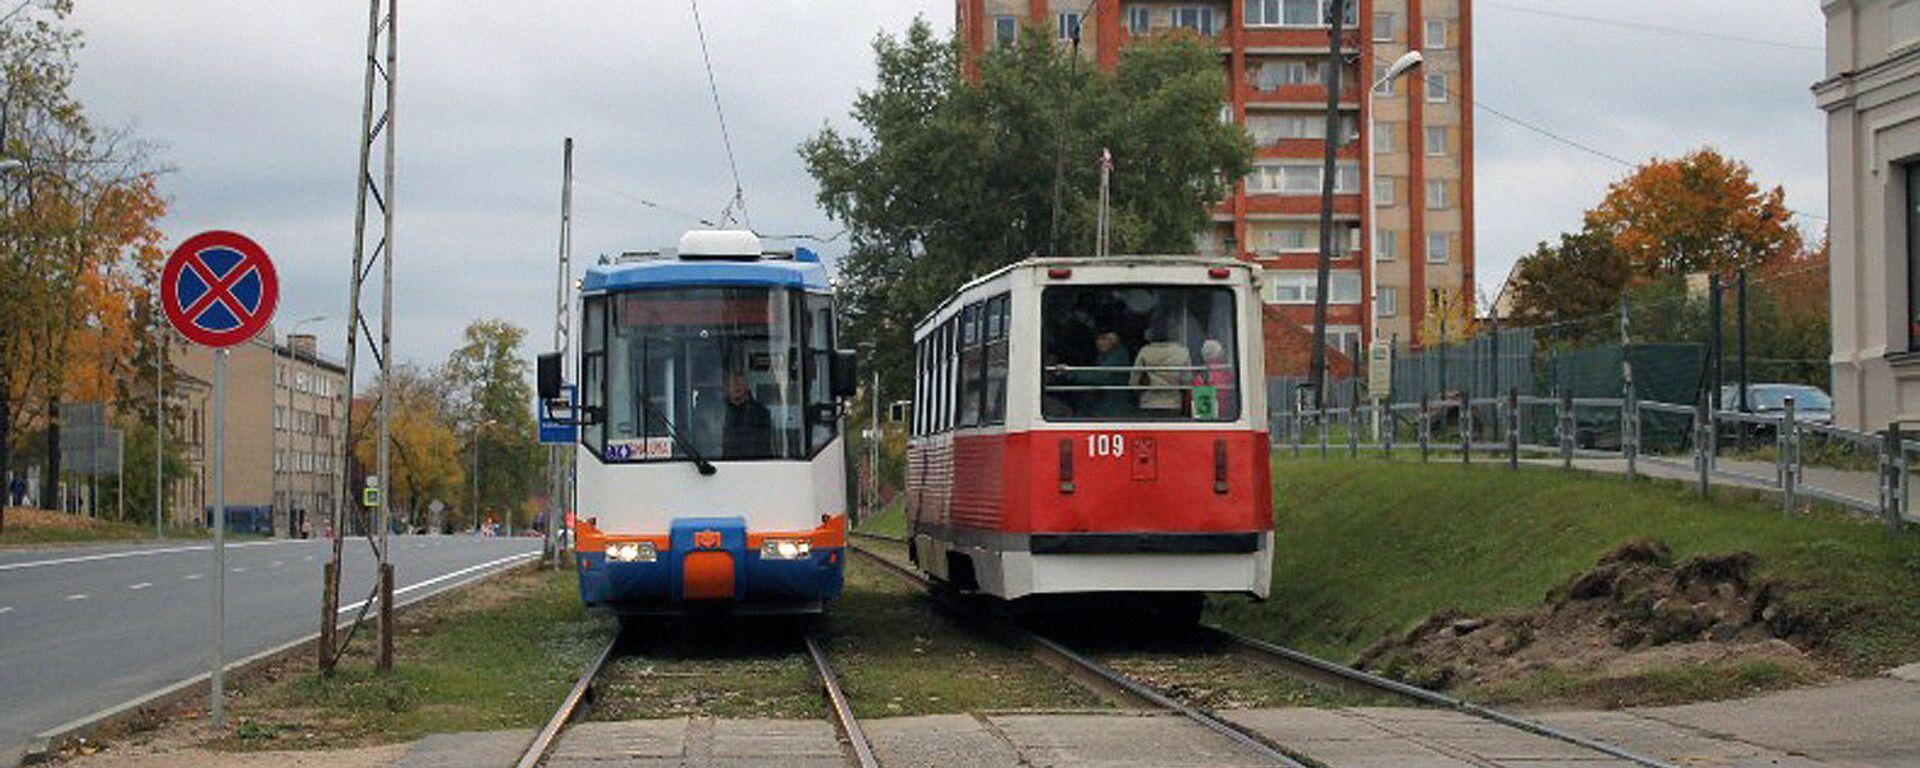 Трамвай на улице, в Даугавпилсе - Sputnik Латвия, 1920, 13.05.2021